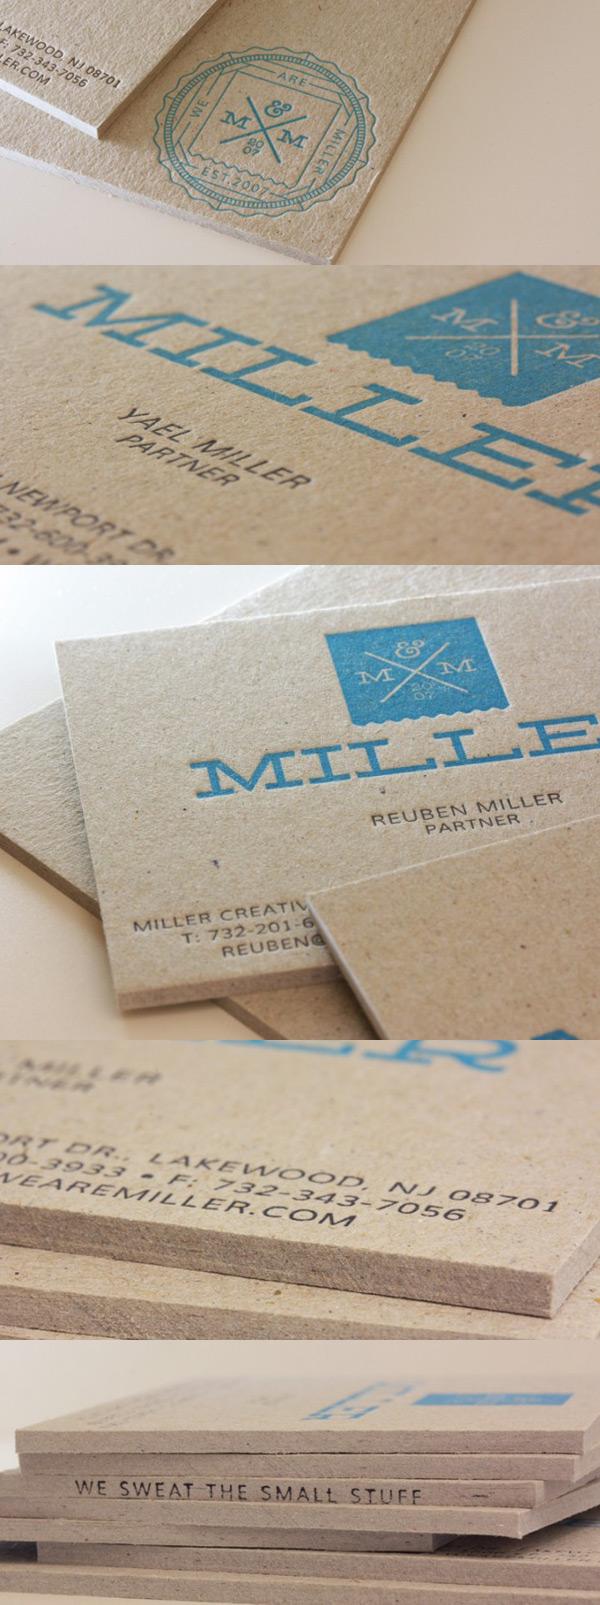 Miller Branding Agency's Letterpress Business Cards